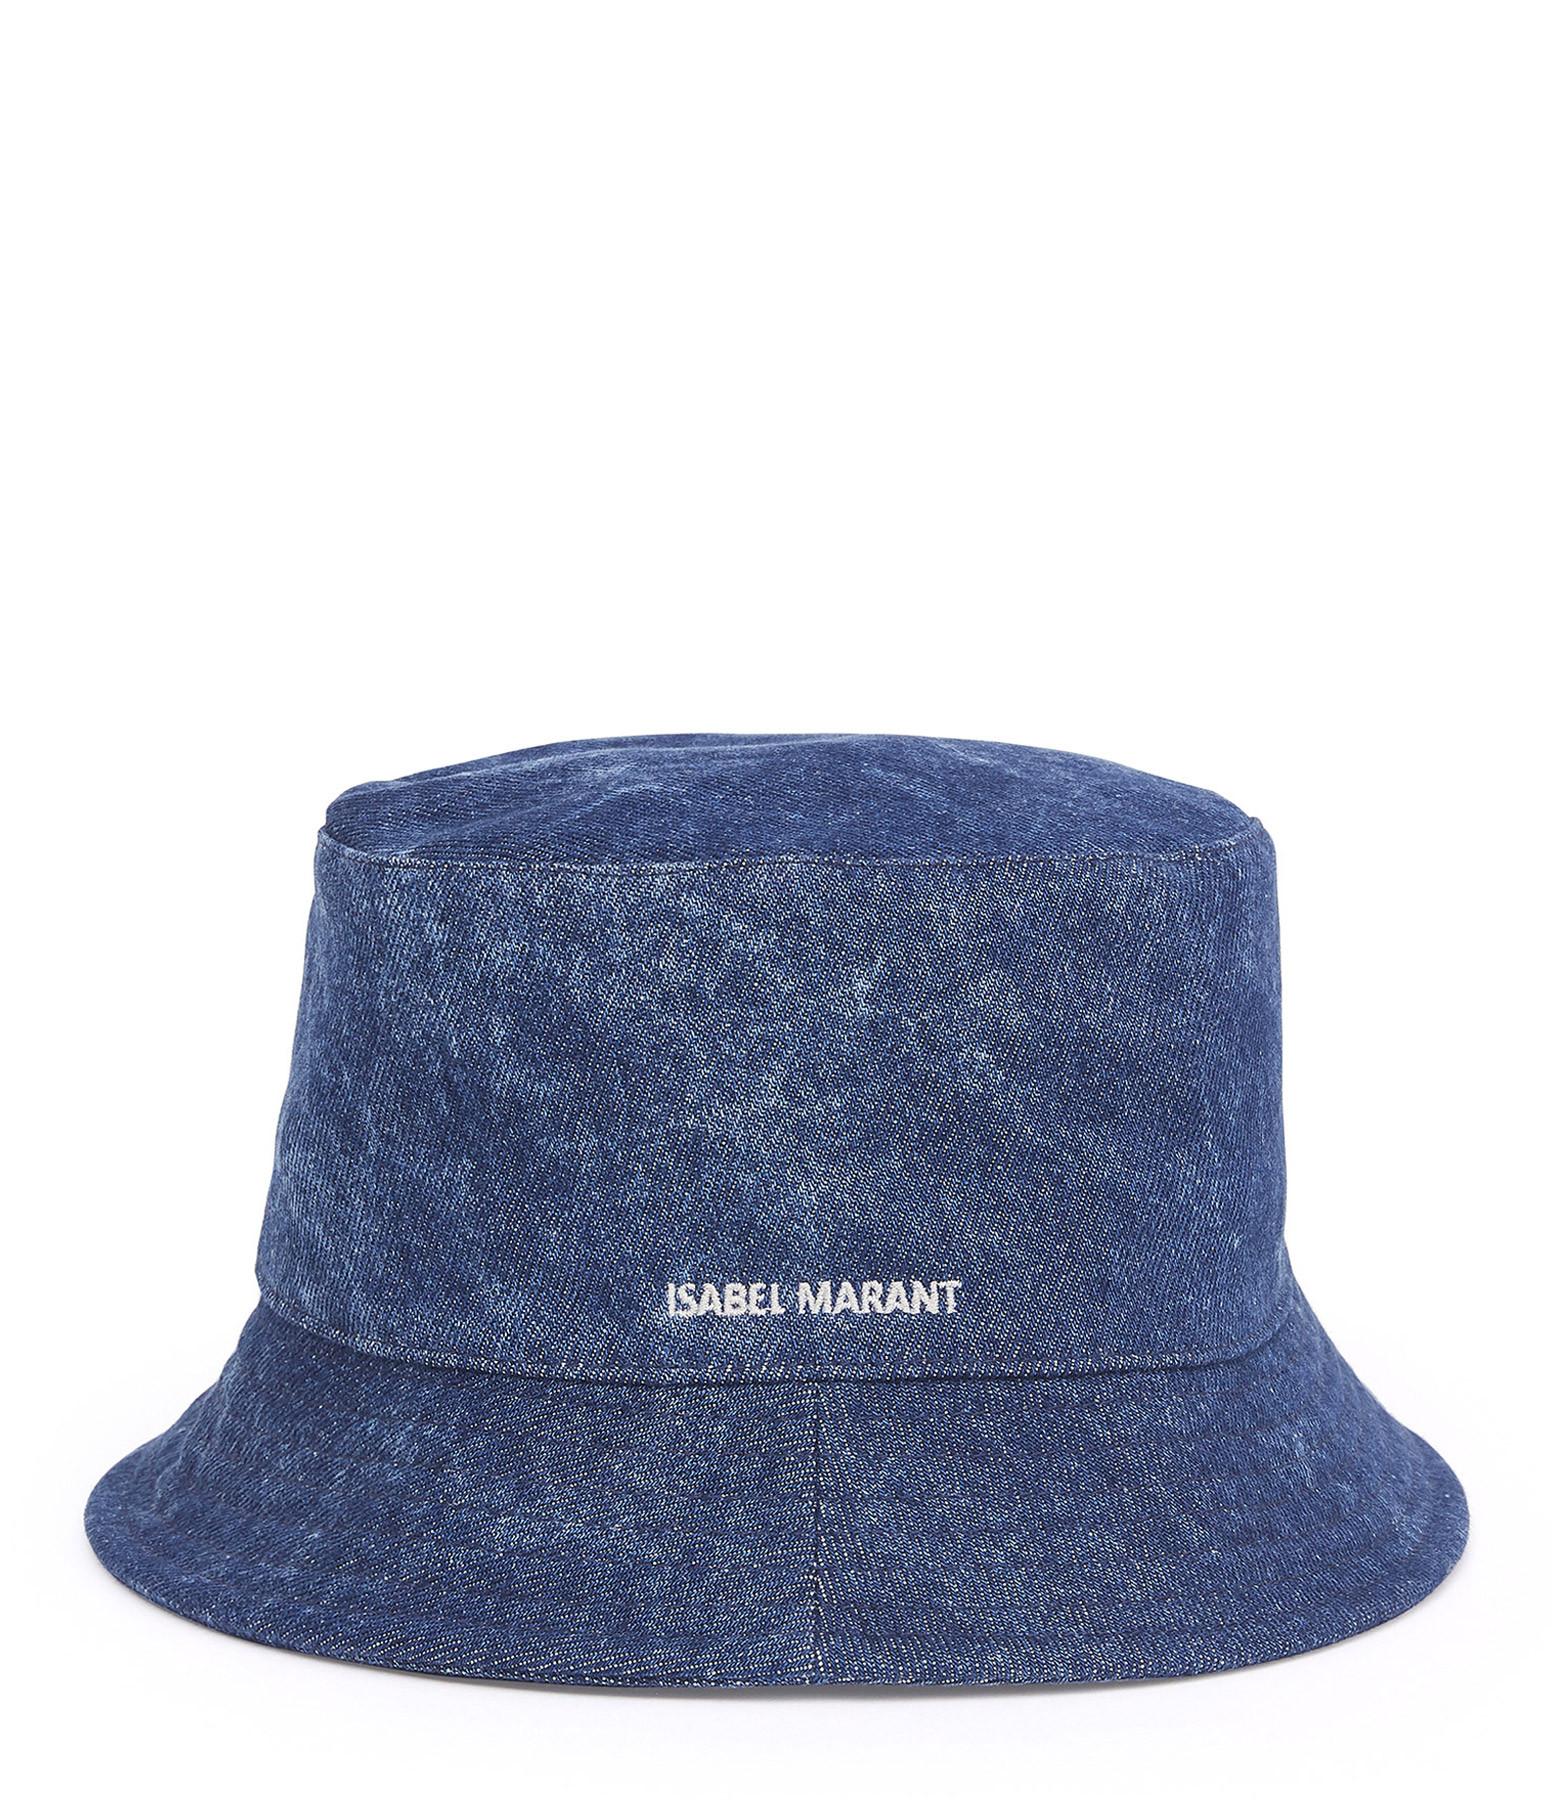 ISABEL MARANT - Bob Haley Coton Bleu